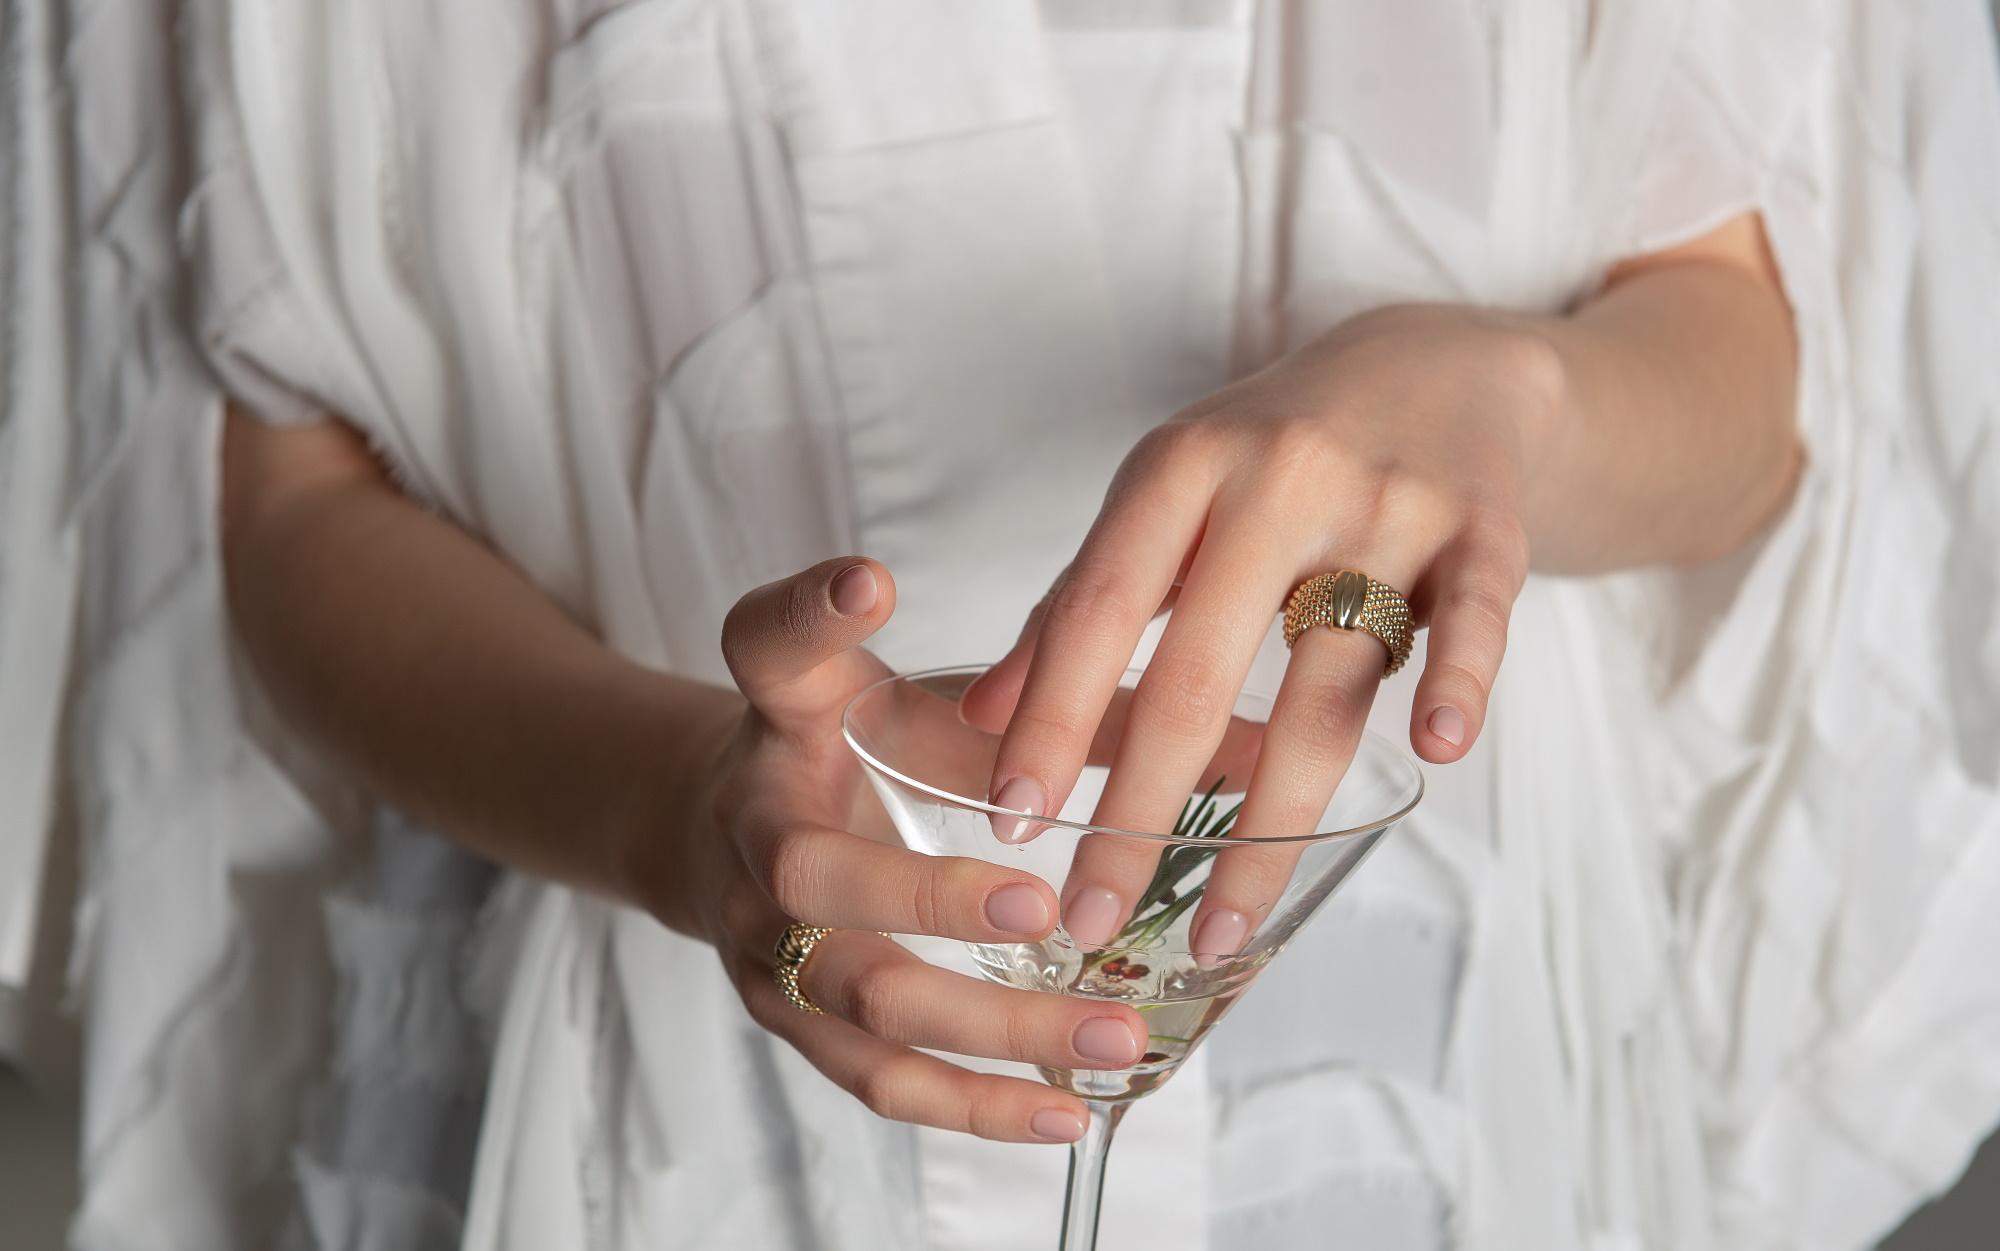 Mâini grațioase cu inele statement din aur pe degete și un pahar de cocktail